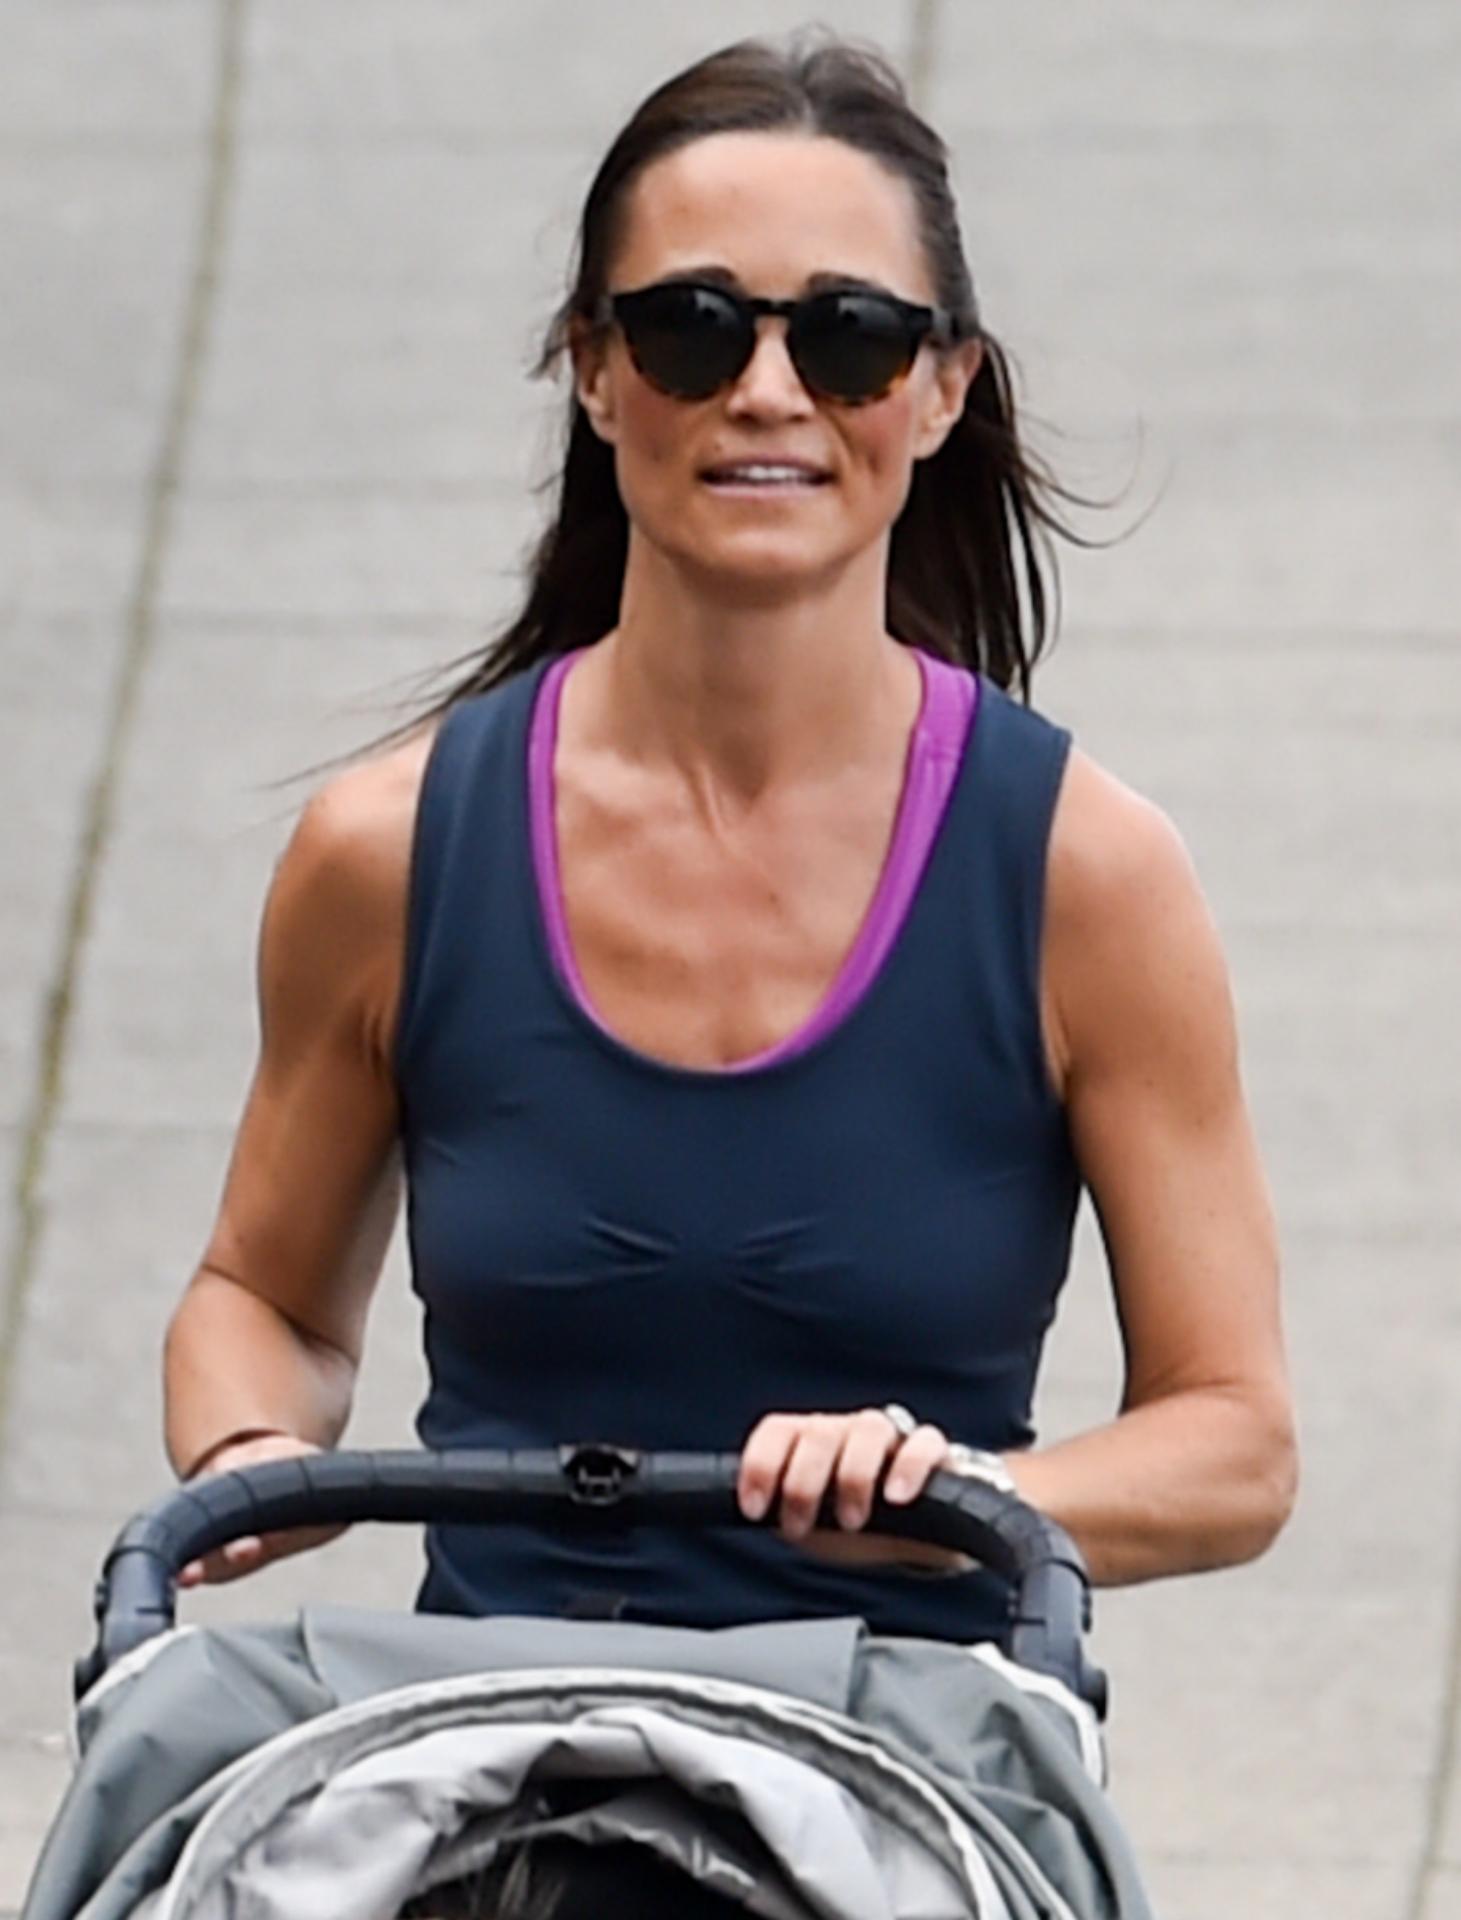 Camiseta, mallas, carro con bebé y a correr, la técnica de conciliación de Pippa Middleton.